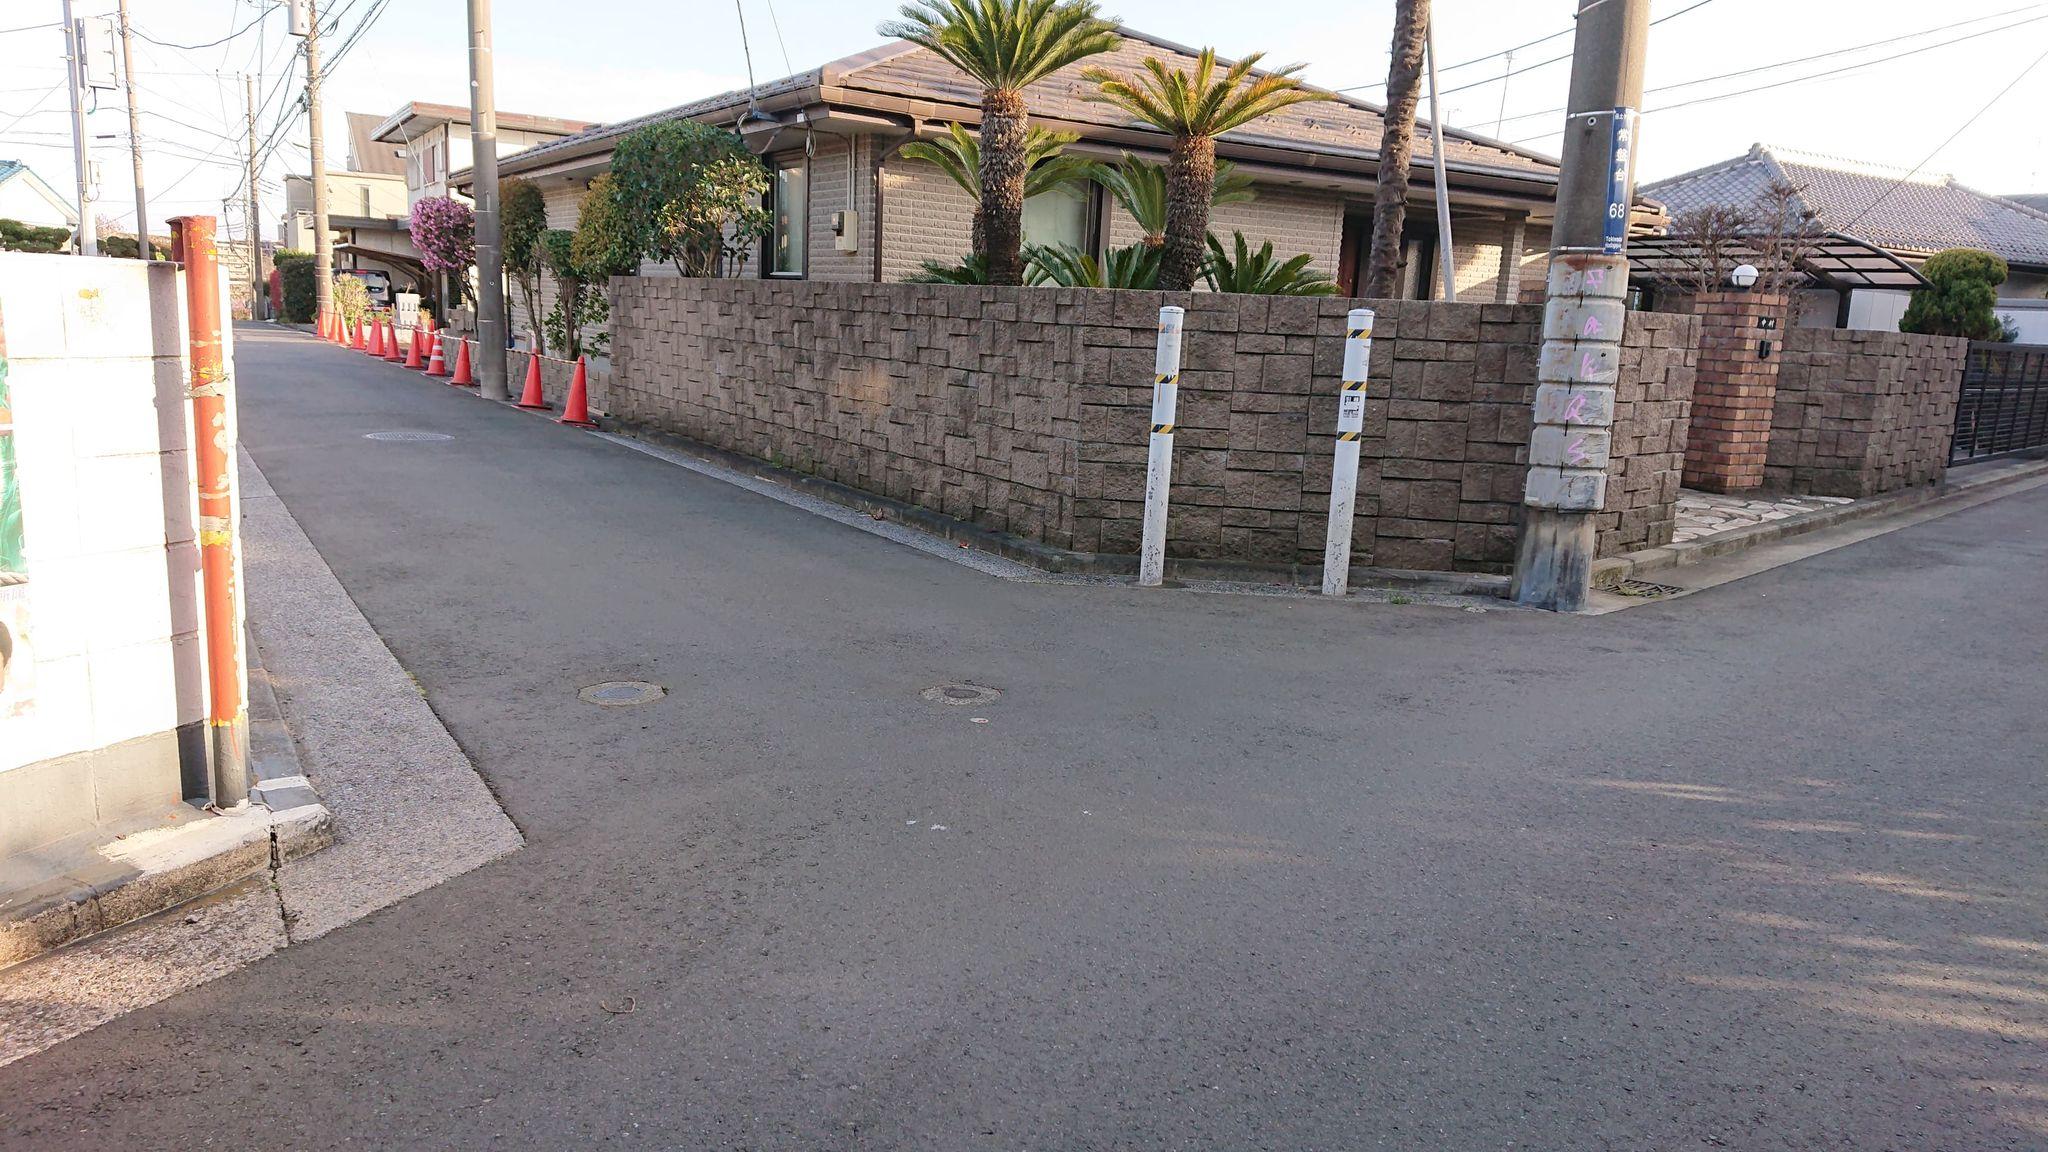 右に曲がった後、最初の角を左ですが、ここまで来られる間にお迎えにあがってお目にかかれるはずです。